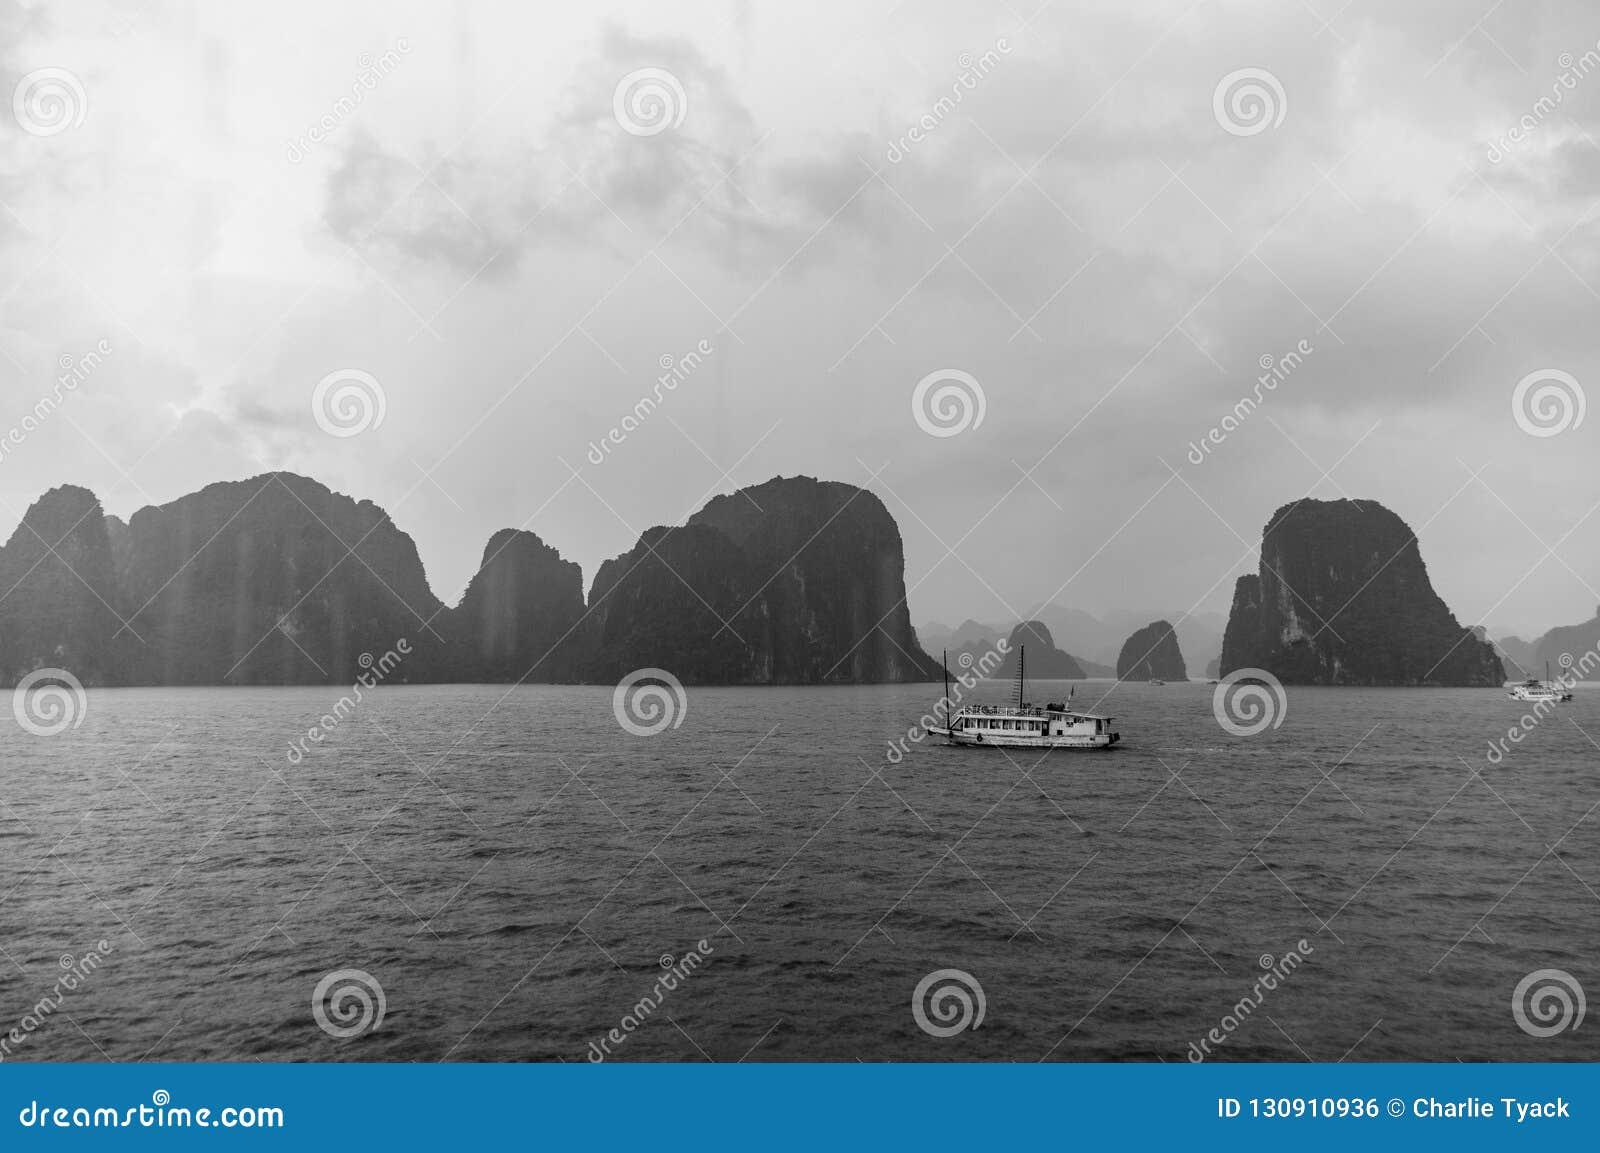 Ett skräpfartyg seglar över mummel den långa fjärden, Vietnam, med regn i förgrunden och mist i avståndet